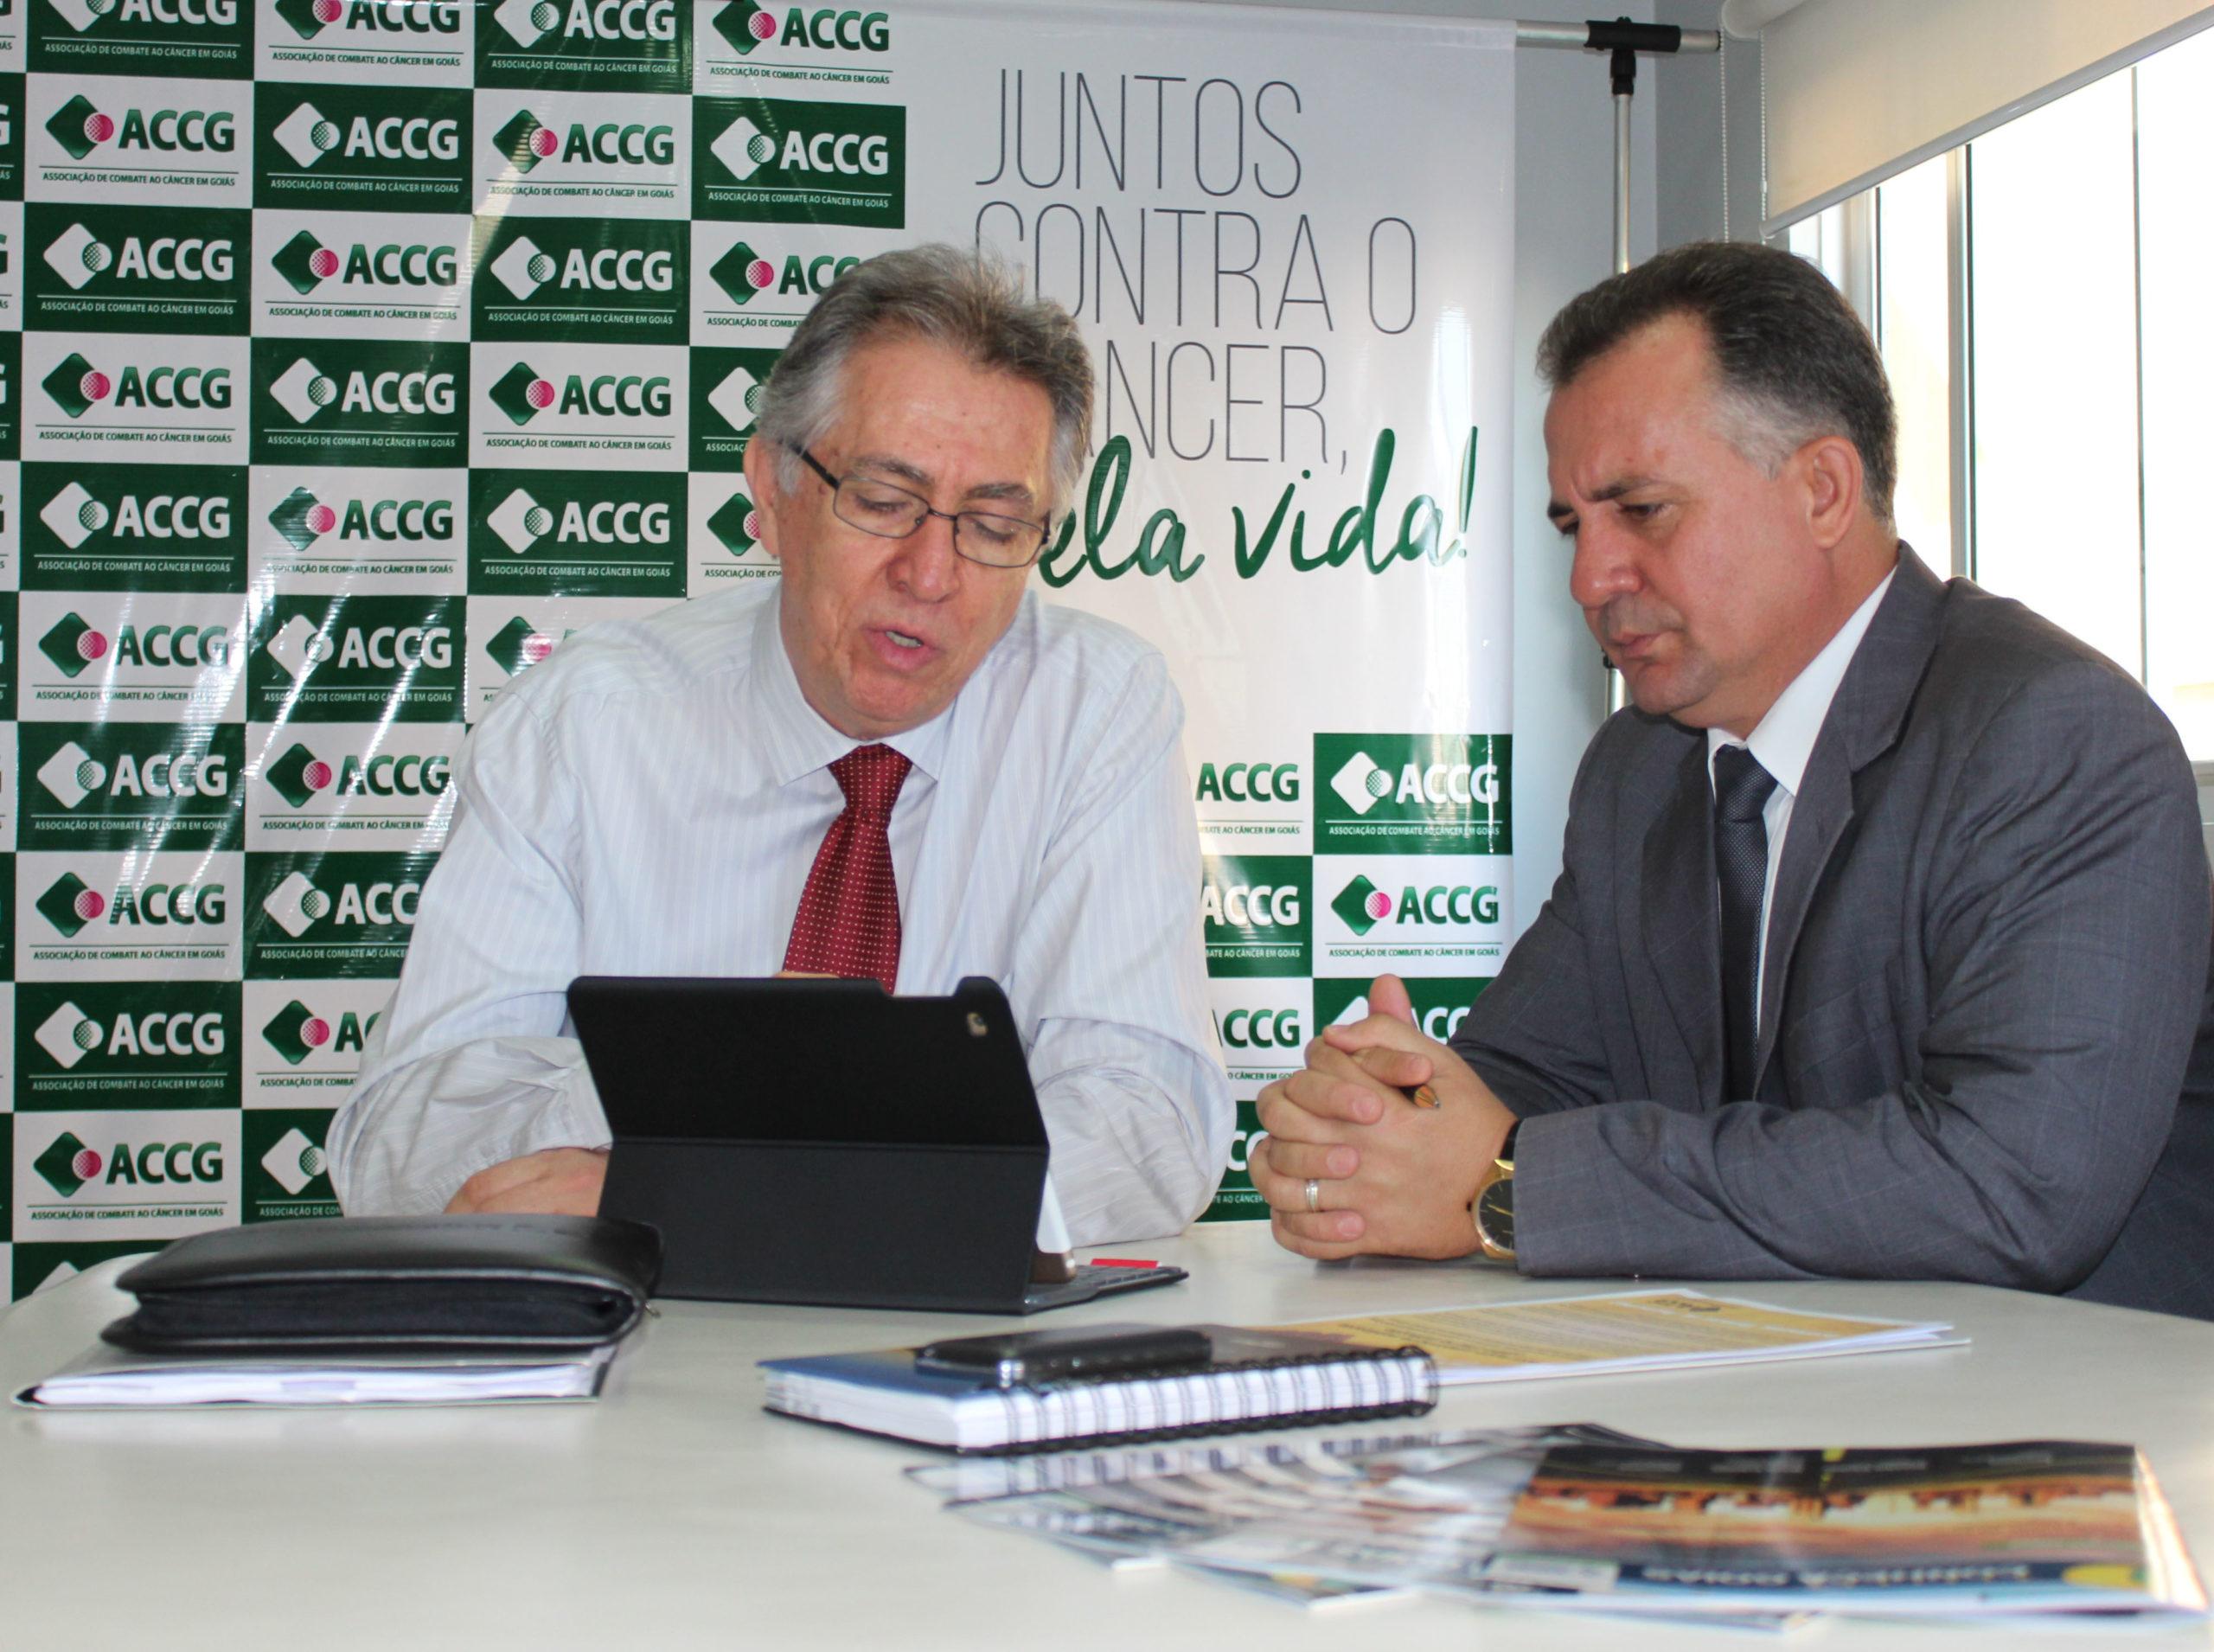 AGM hipoteca apoio à Associação de Combate ao Câncer de Goiás